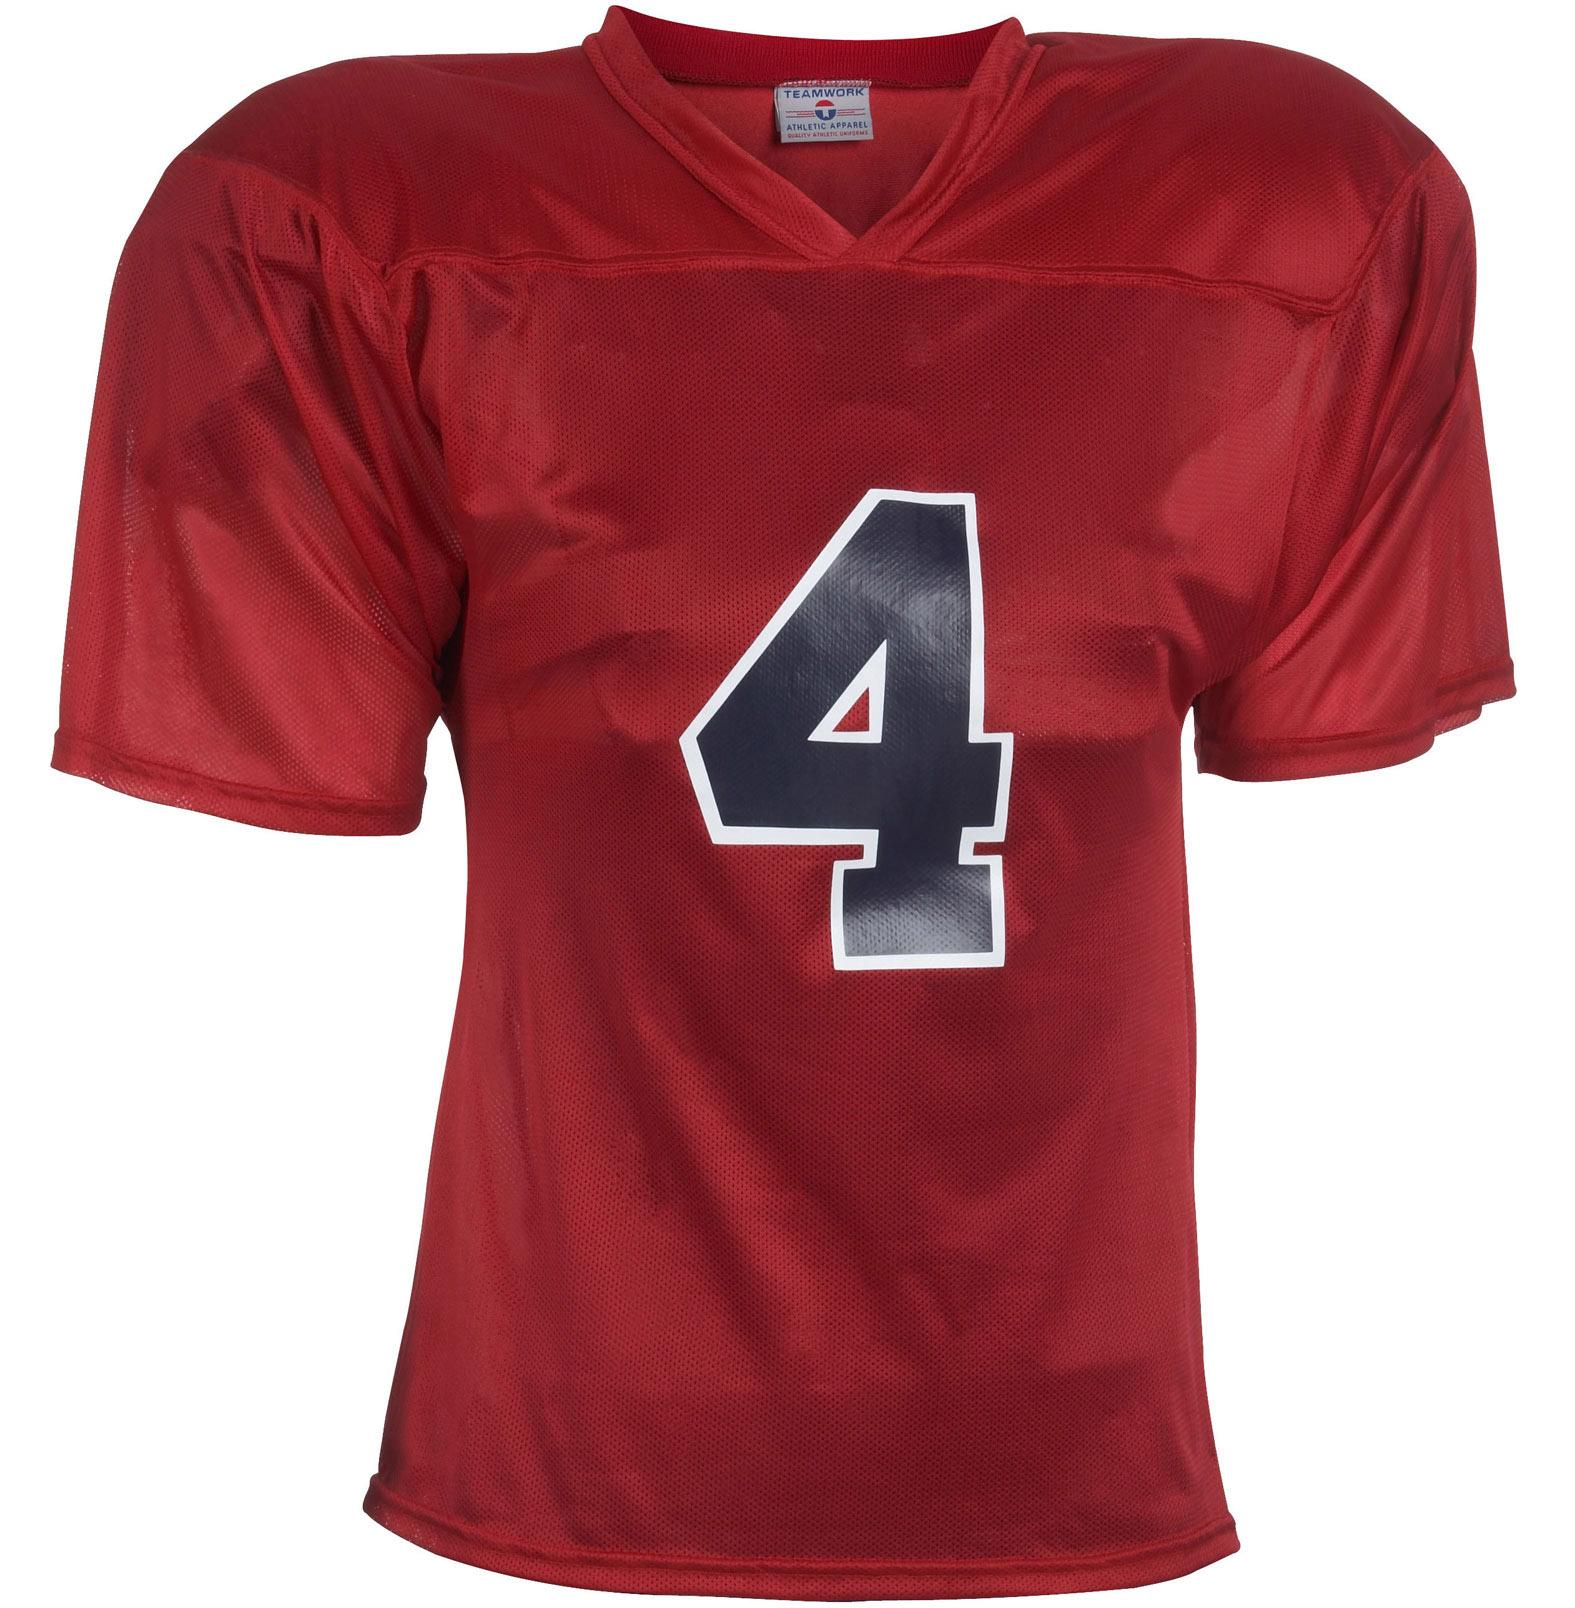 Uniform clipart football uniform #8